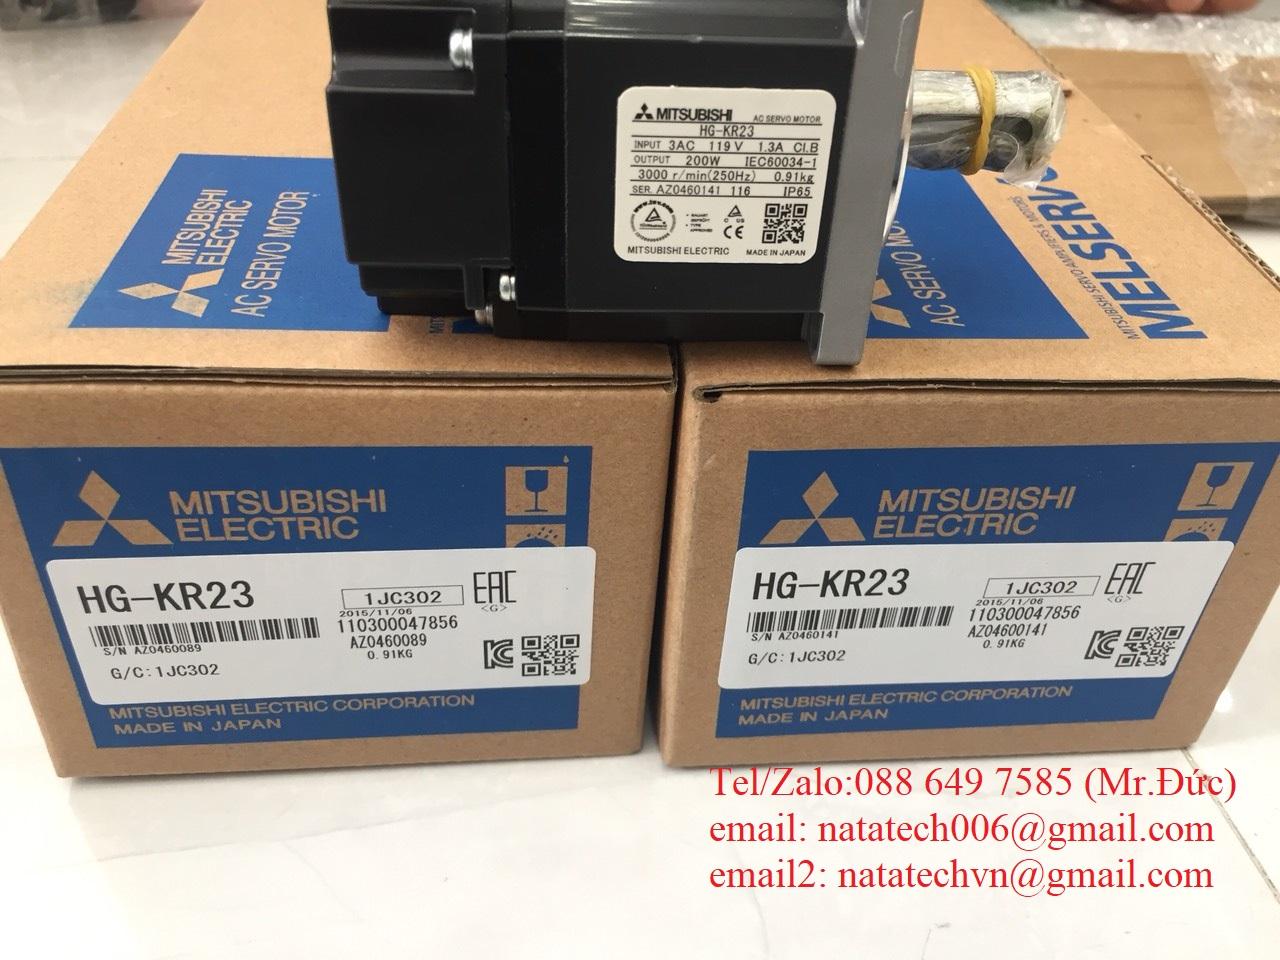 Q68DAI Công ty TNHH Natatech chuyên cung cấp các model hàng của hãng MITSUBISHI